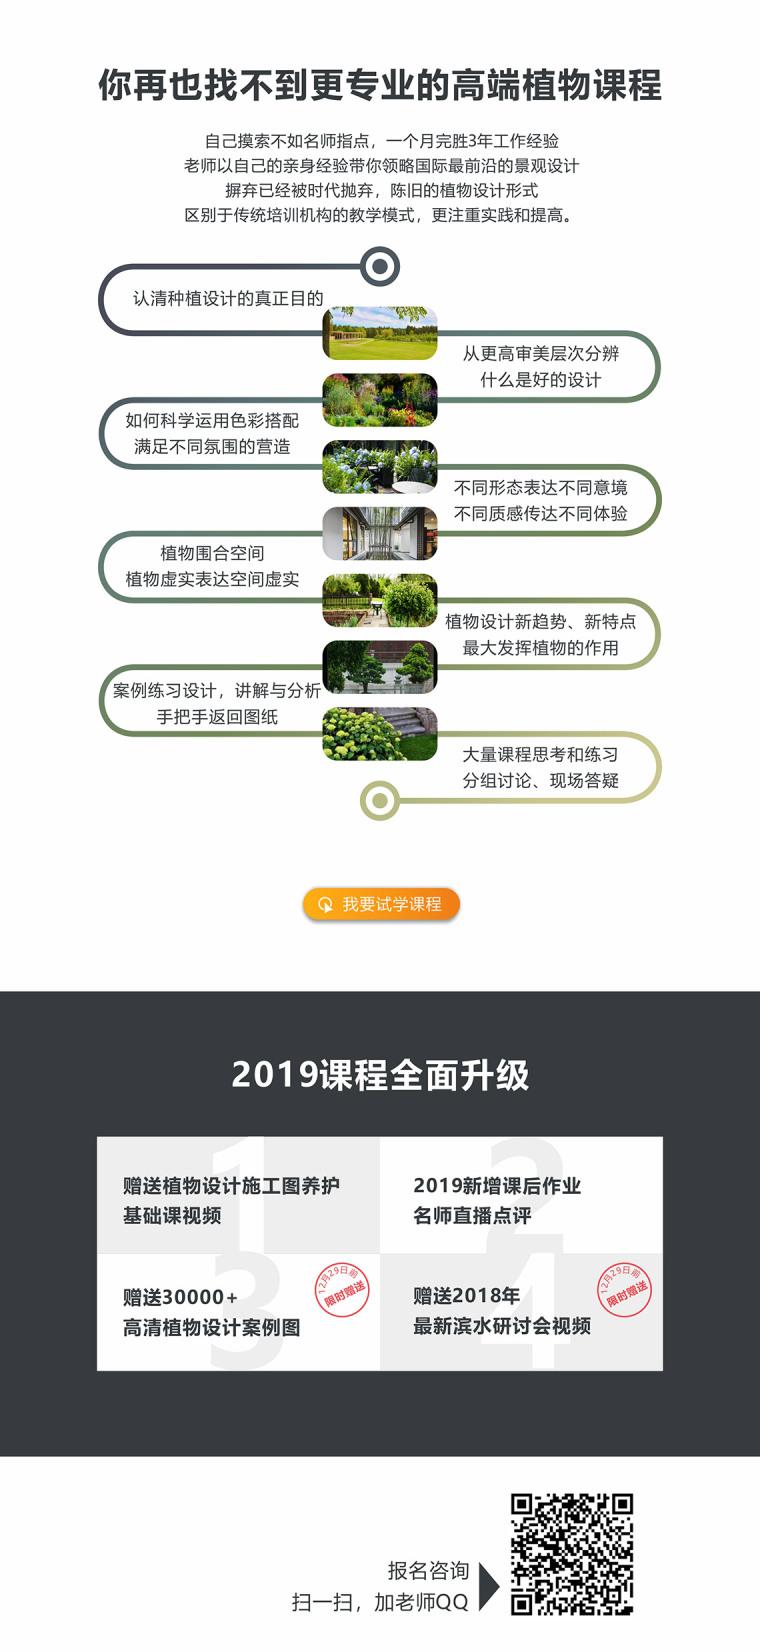 植物配置图片_植物配置设计素材_经典植物配置组合_7